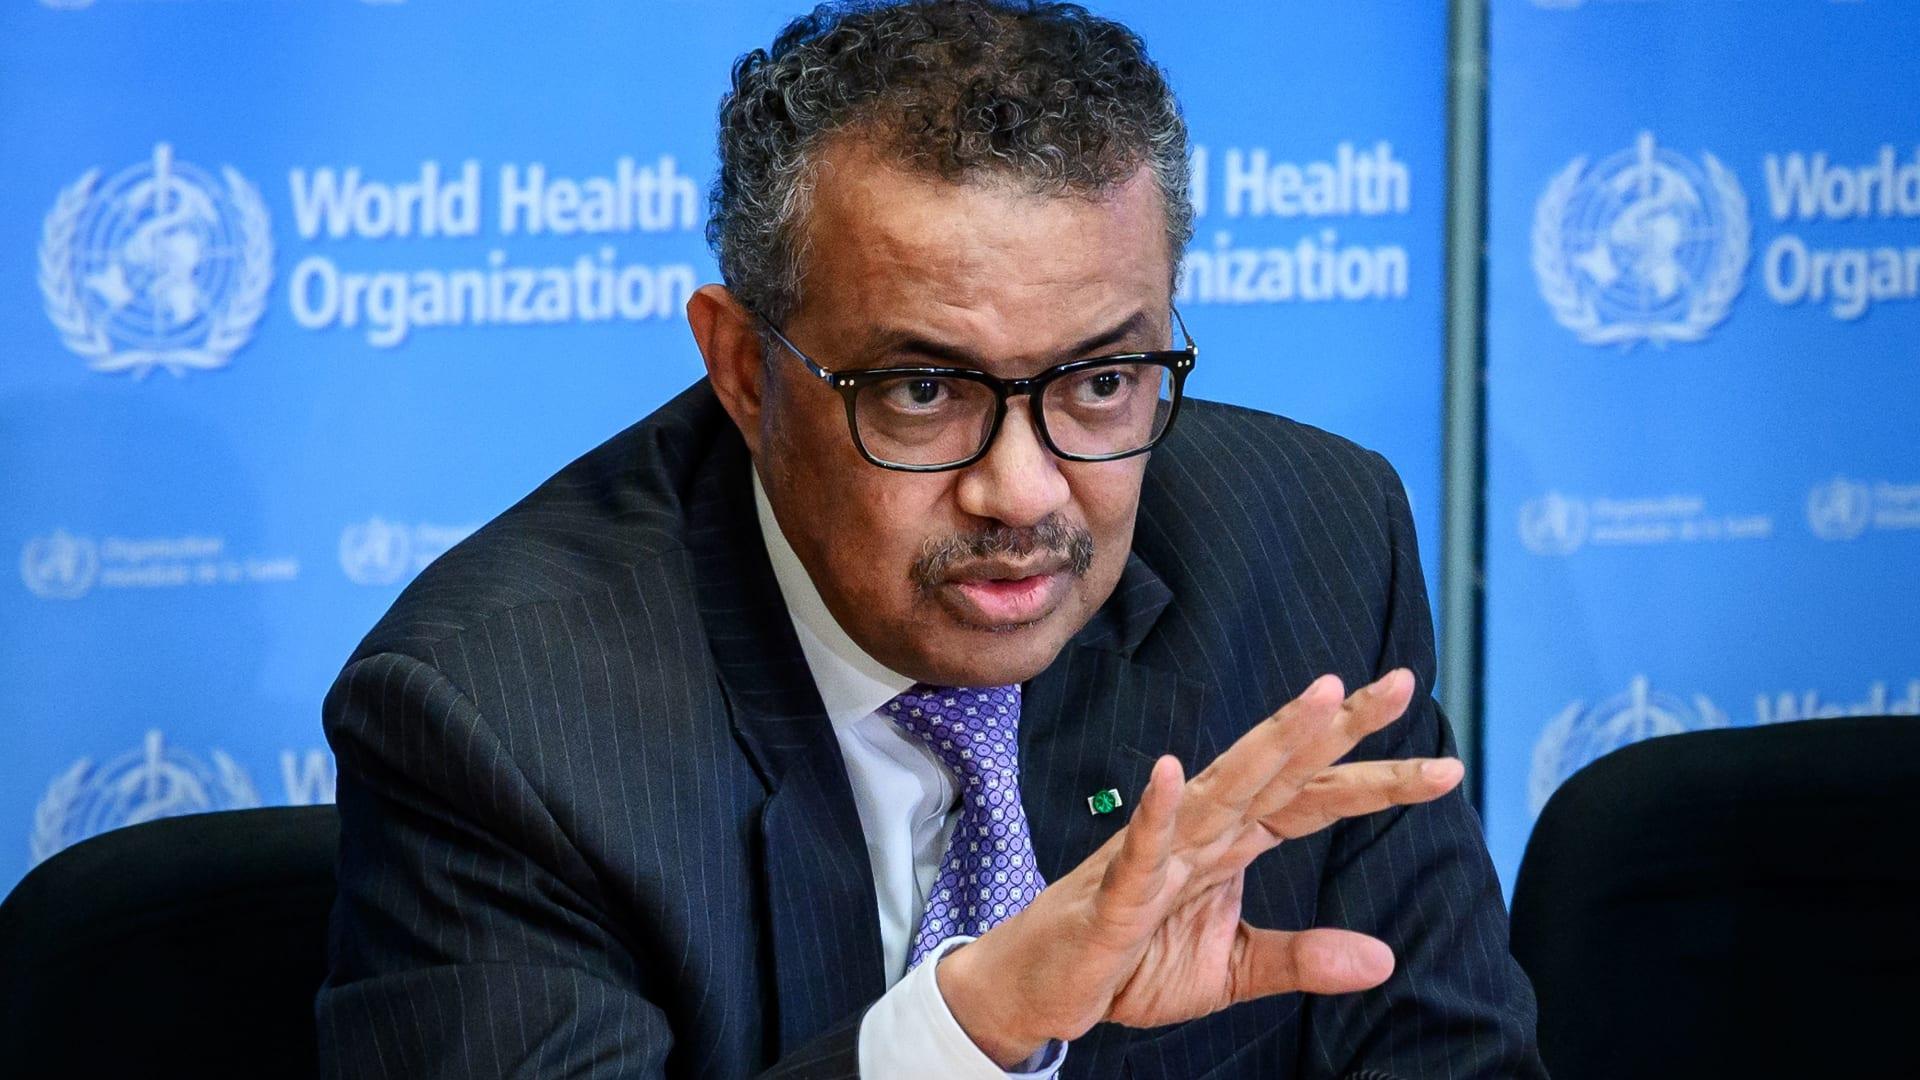 مسؤولو الصحة يحذرون من موجة ثانية من حالات الإصابة بفيروس كورونا في الولايات المتحدة